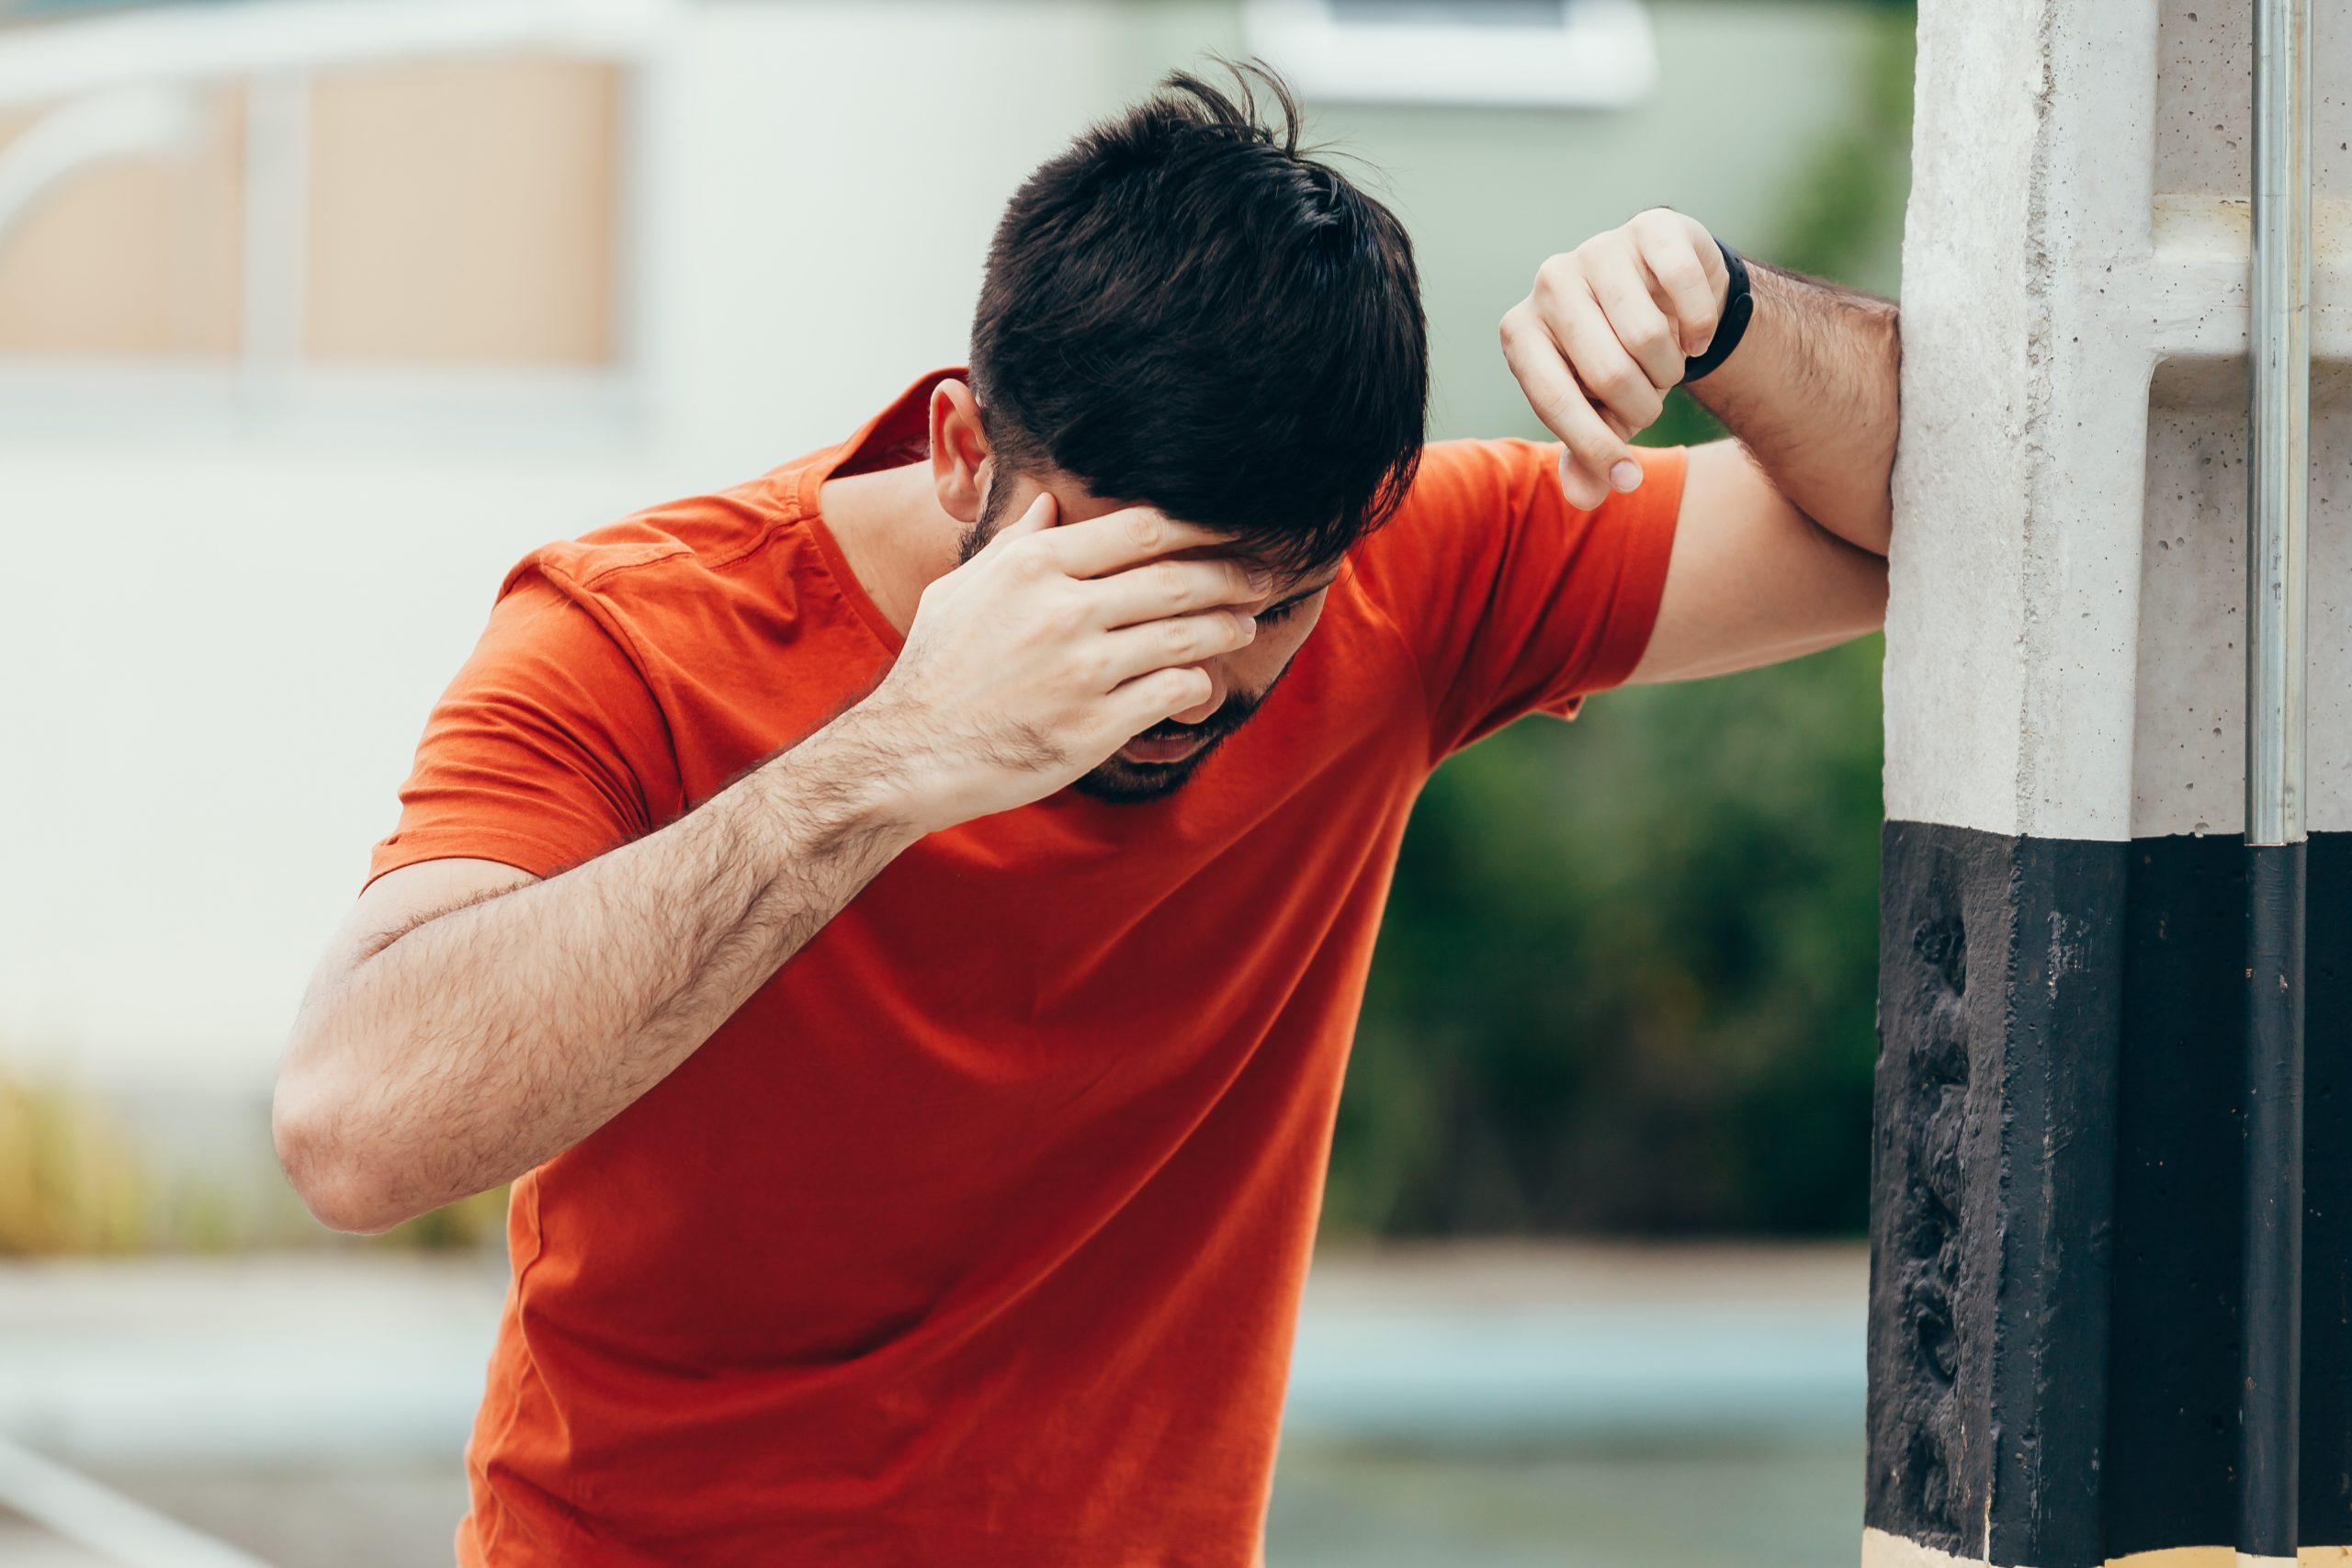 mladý muž sa opiera o múr a chytá za bolestivú hlavu